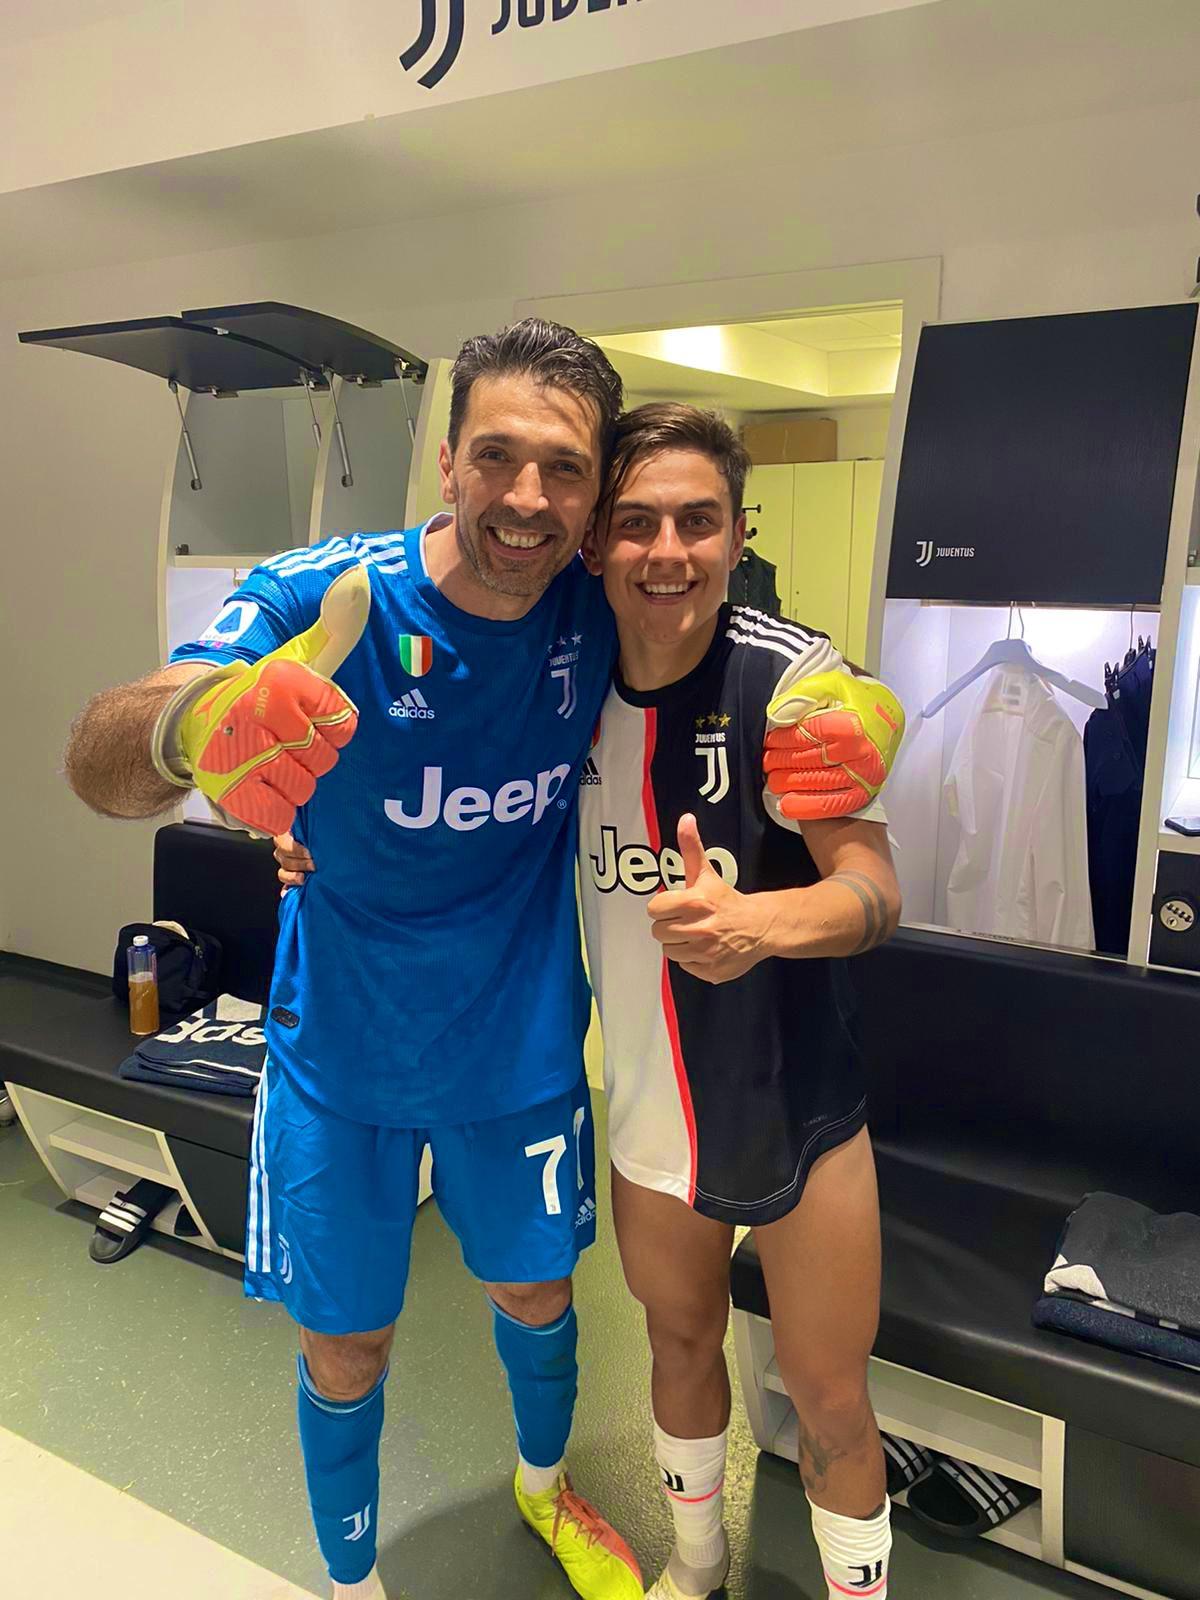 Gianluigi Buffon & Paulo Dybala / جانلوییجی بوفون و پائولو دیبالا